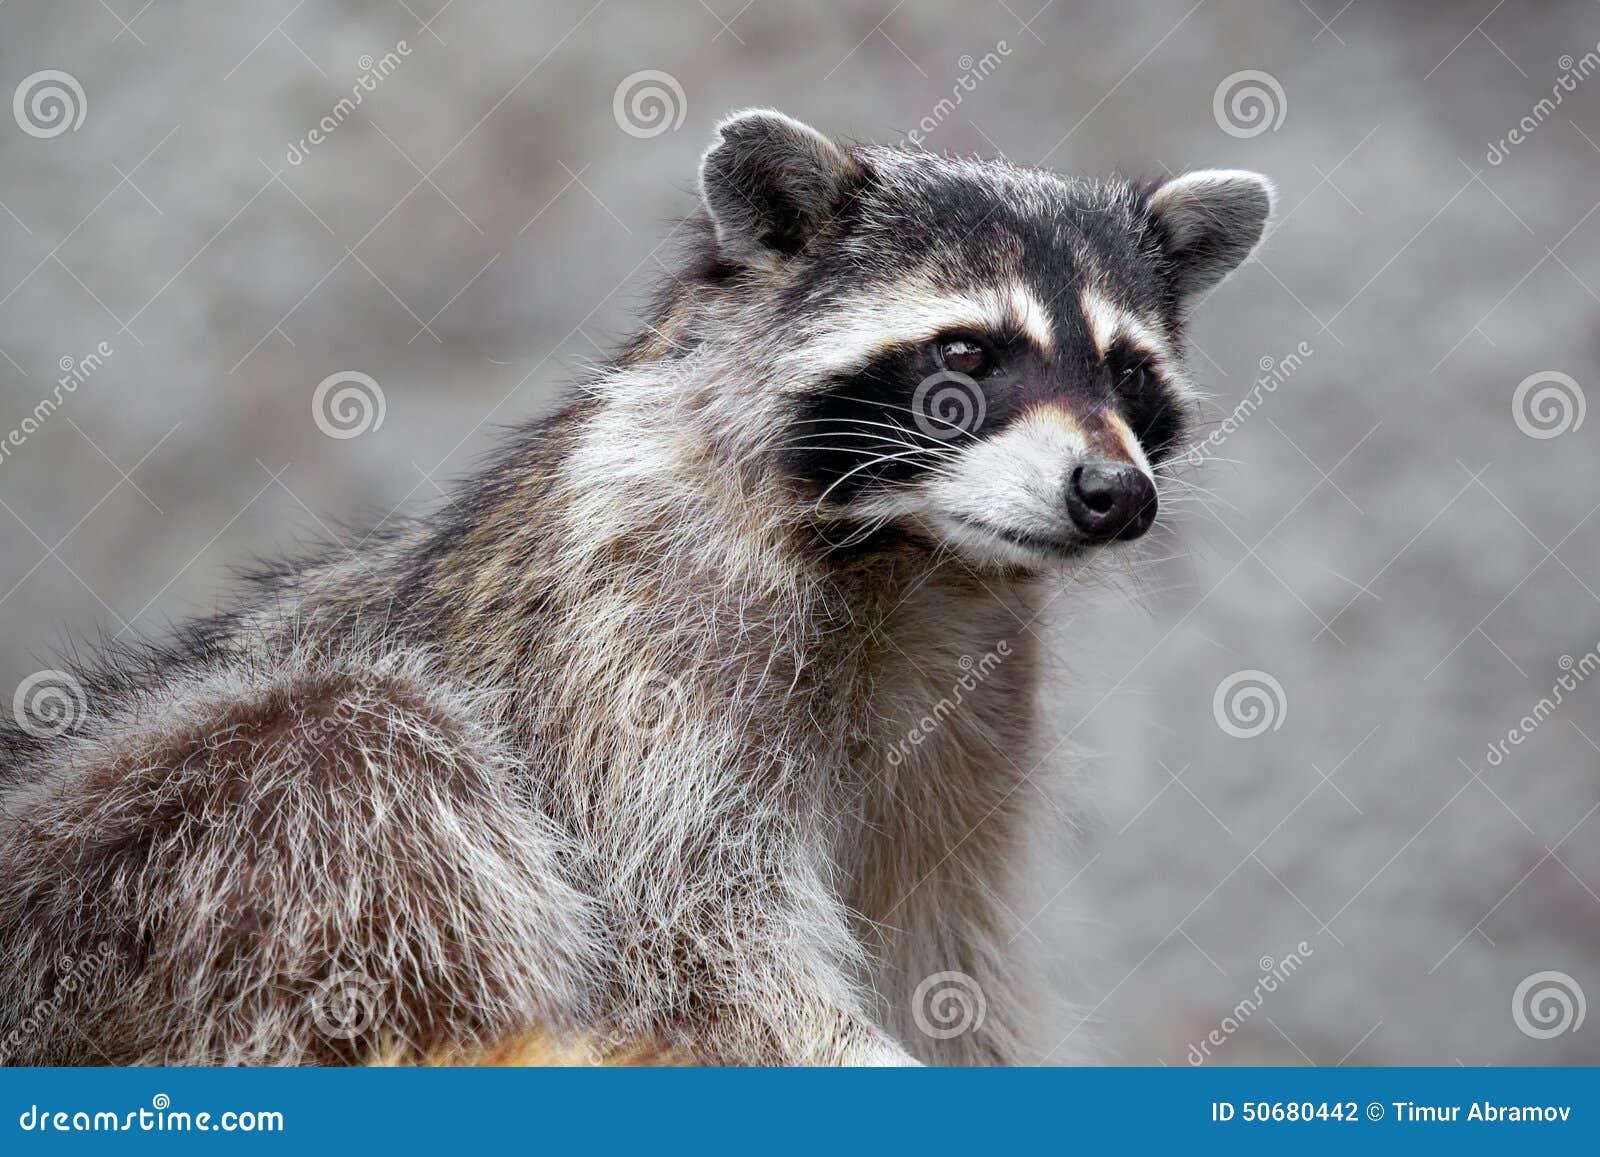 Download 饥饿的浣熊 库存照片. 图片 包括有 浣熊, 查找, 逗人喜爱, 求知欲, 眼睛, 表面, 灰色, 残暴 - 50680442